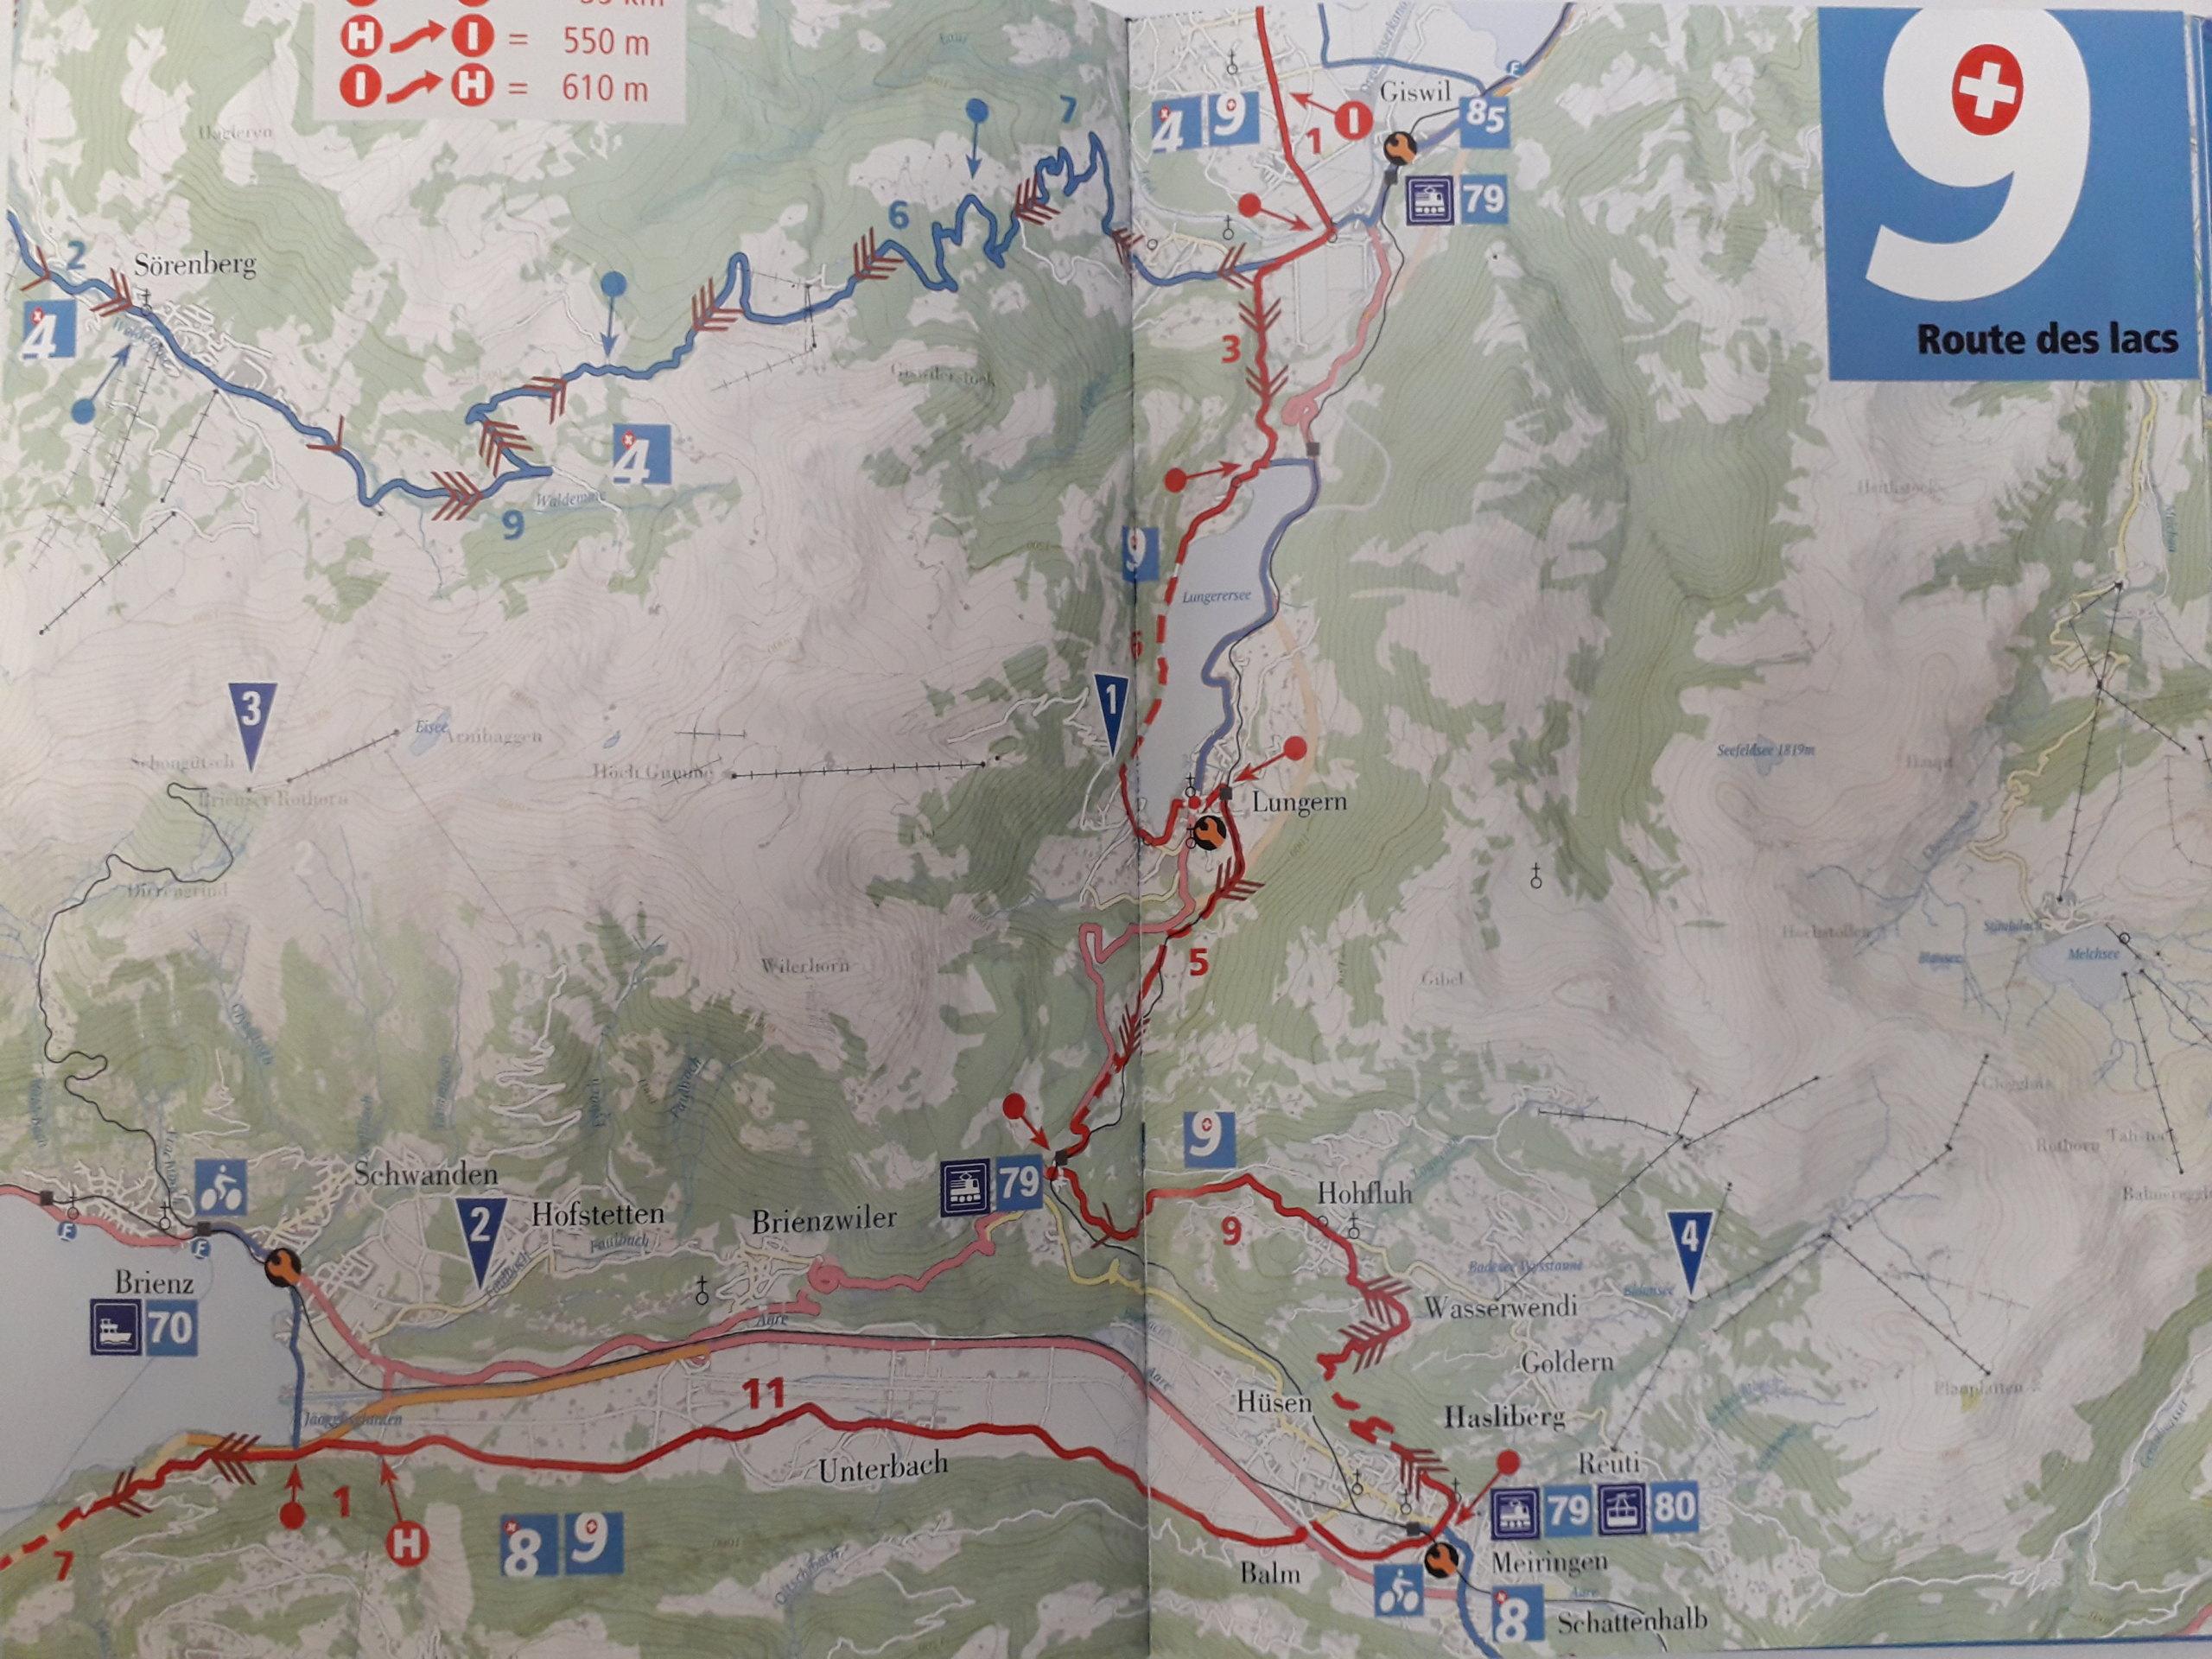 La Route des lacs - Suisse [7 au 12 juin] saison 14 •Bƒ 20190518